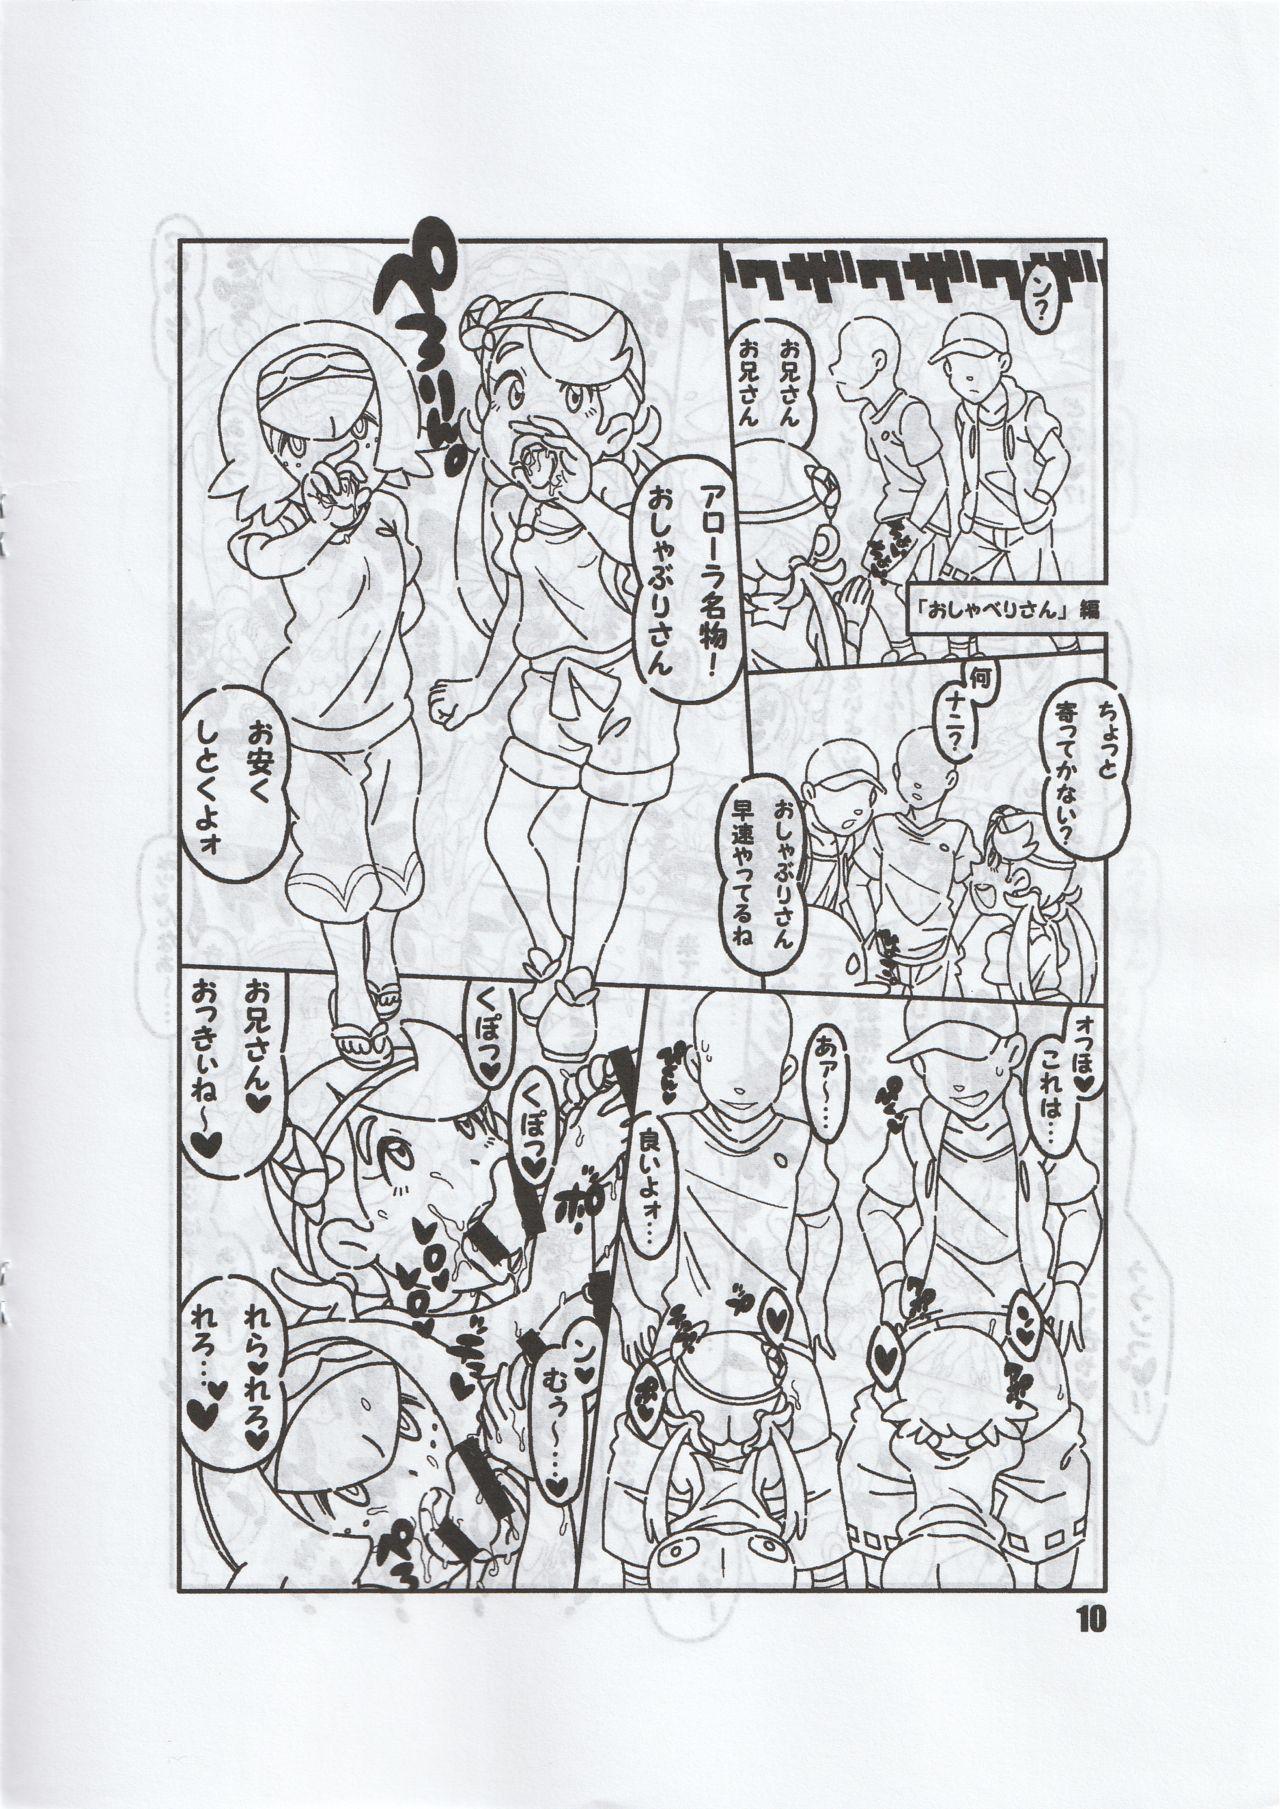 Minnano Monogatari / Tetsukiki 10